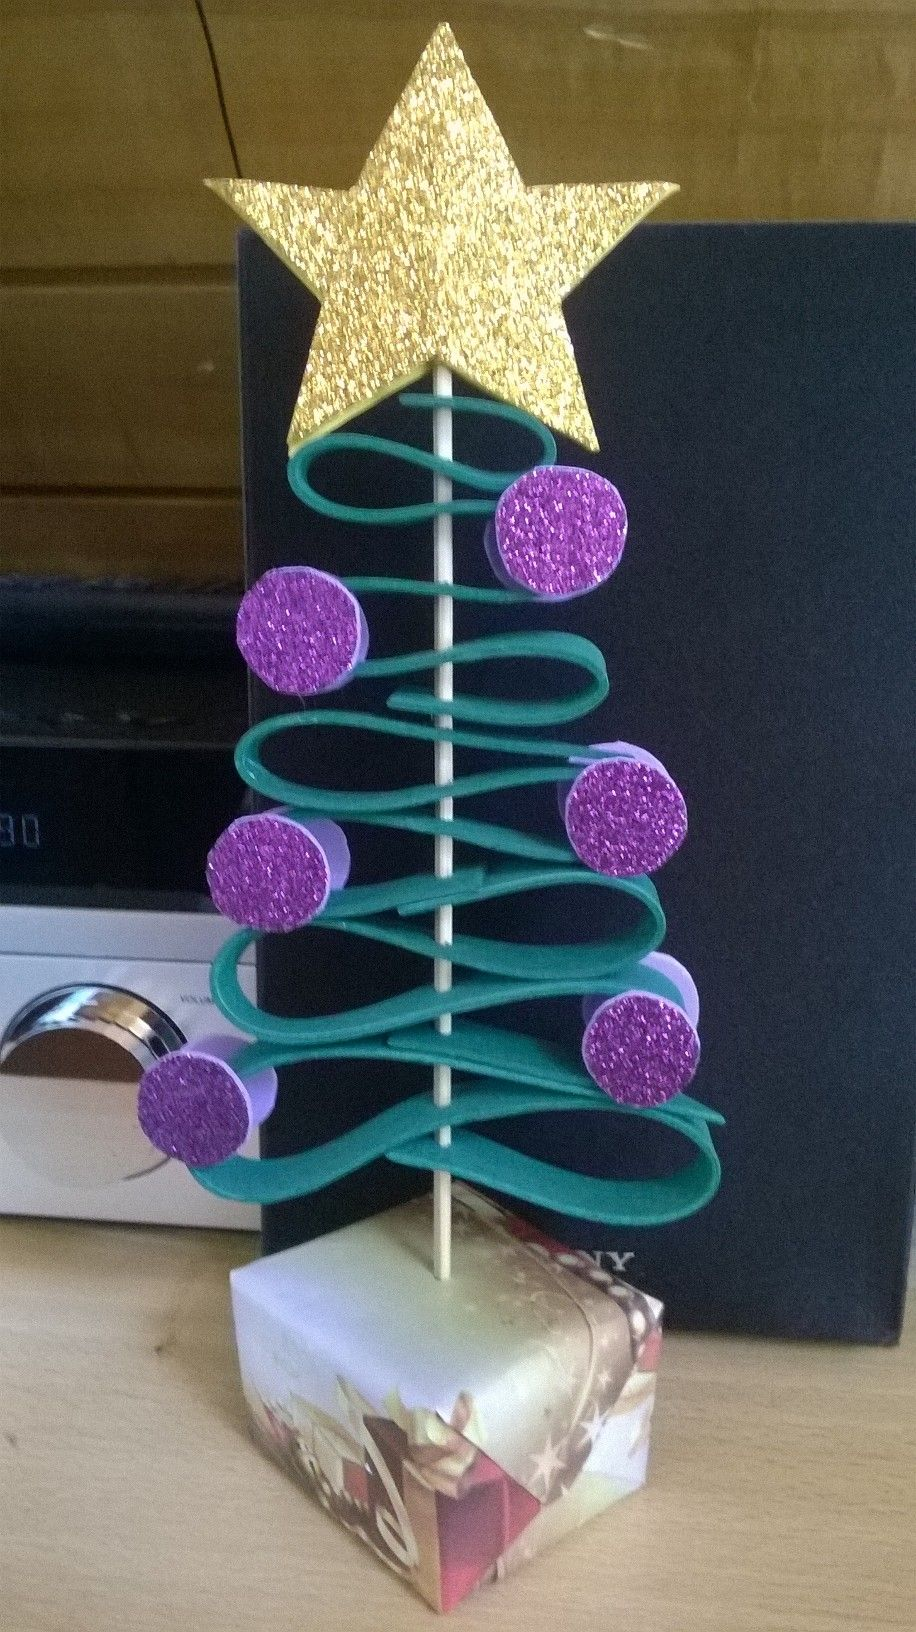 Mi Tercer Arbol De Navidad Voy Mejorando D Con Sencillos Materiale Manualidades Navidad Goma Eva Manualidades Navidad Reciclaje Manualidades Navidad Infantil